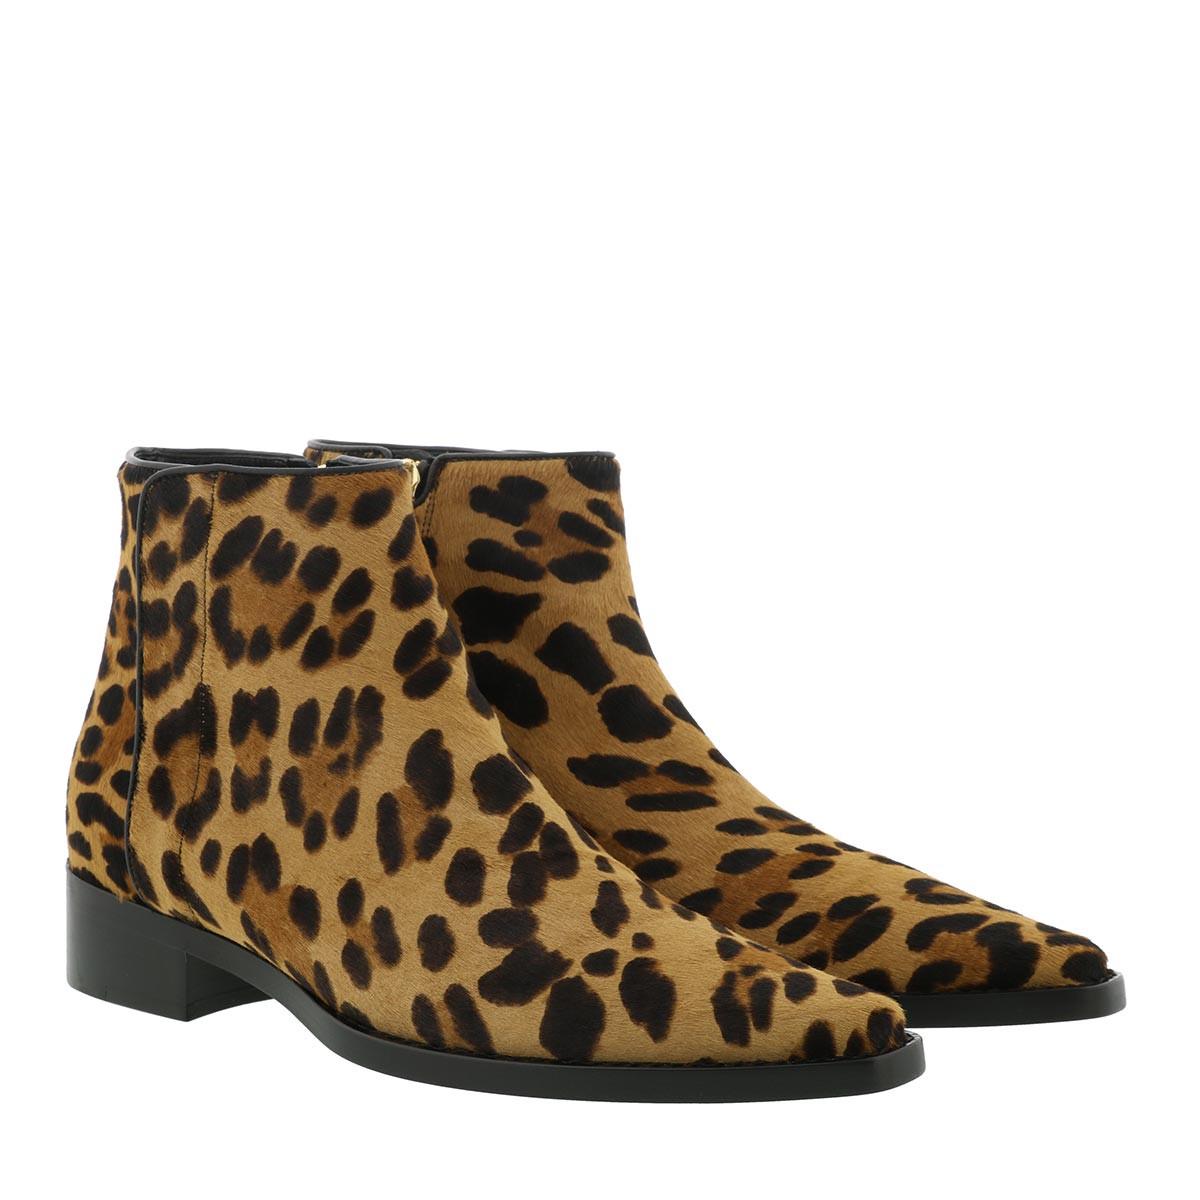 Dolce&Gabbana Boots - Animal Print Ankle Boots Leather Leo - in braun - für Damen